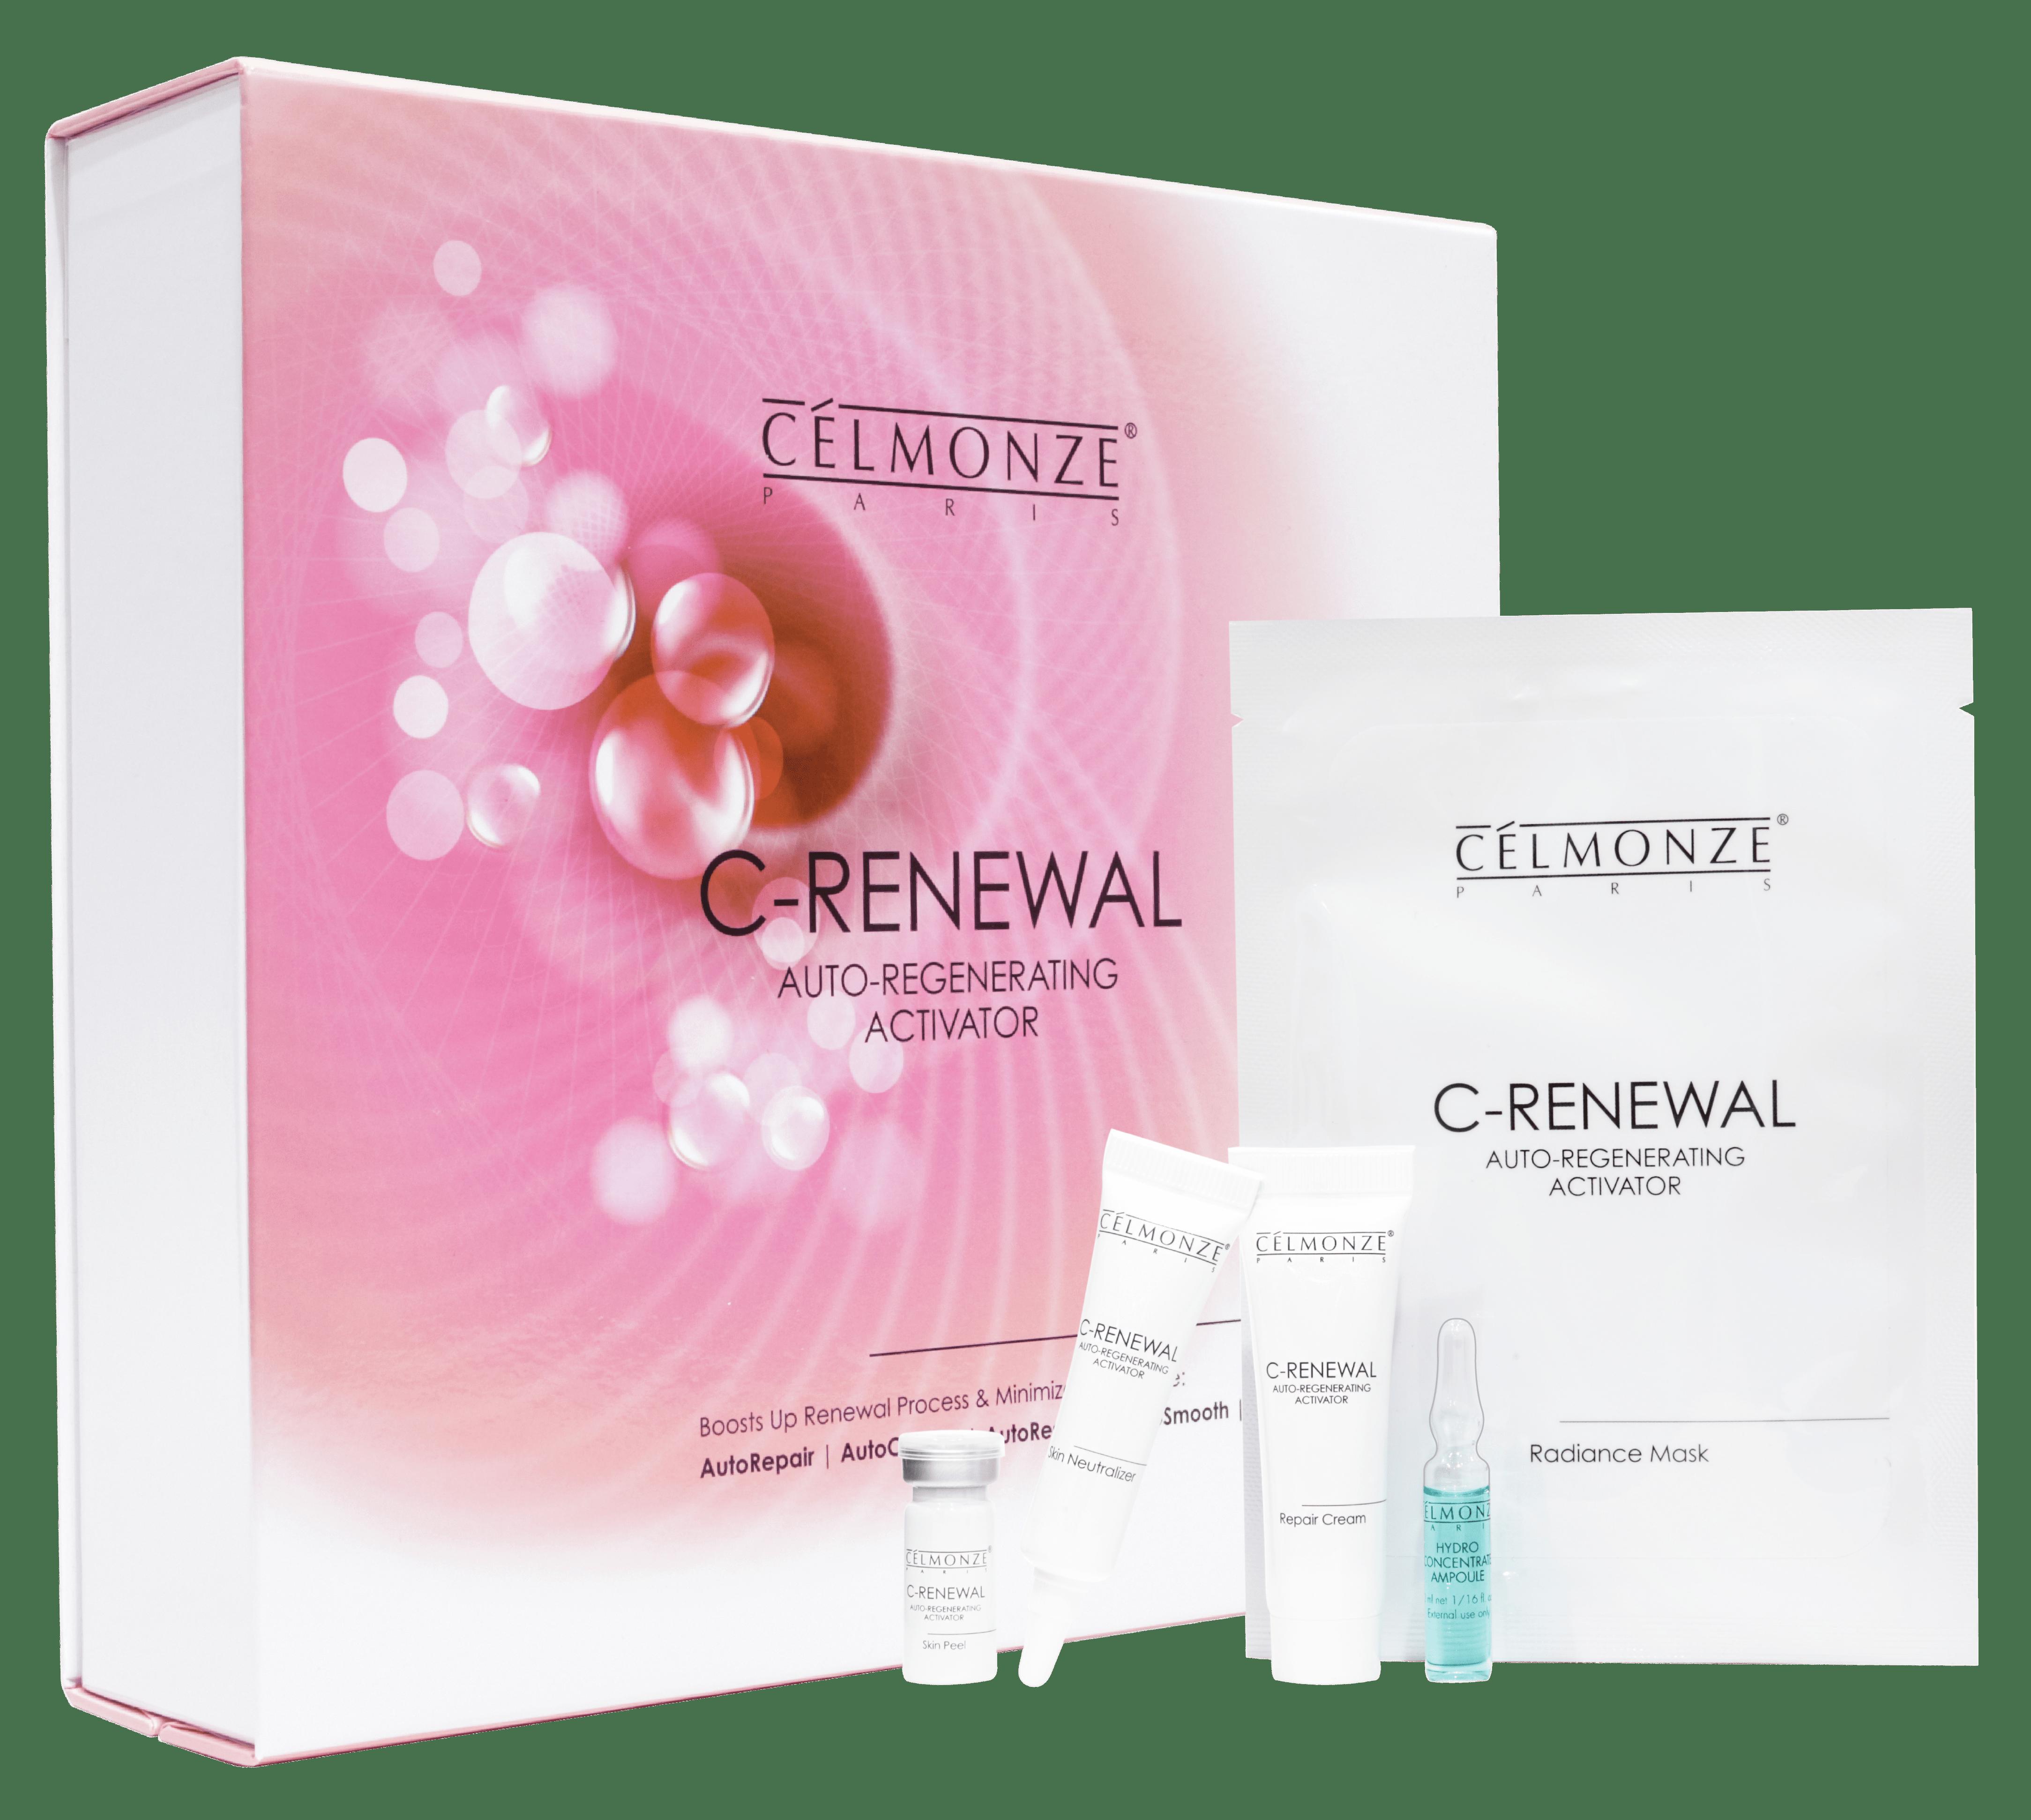 C-Renewal